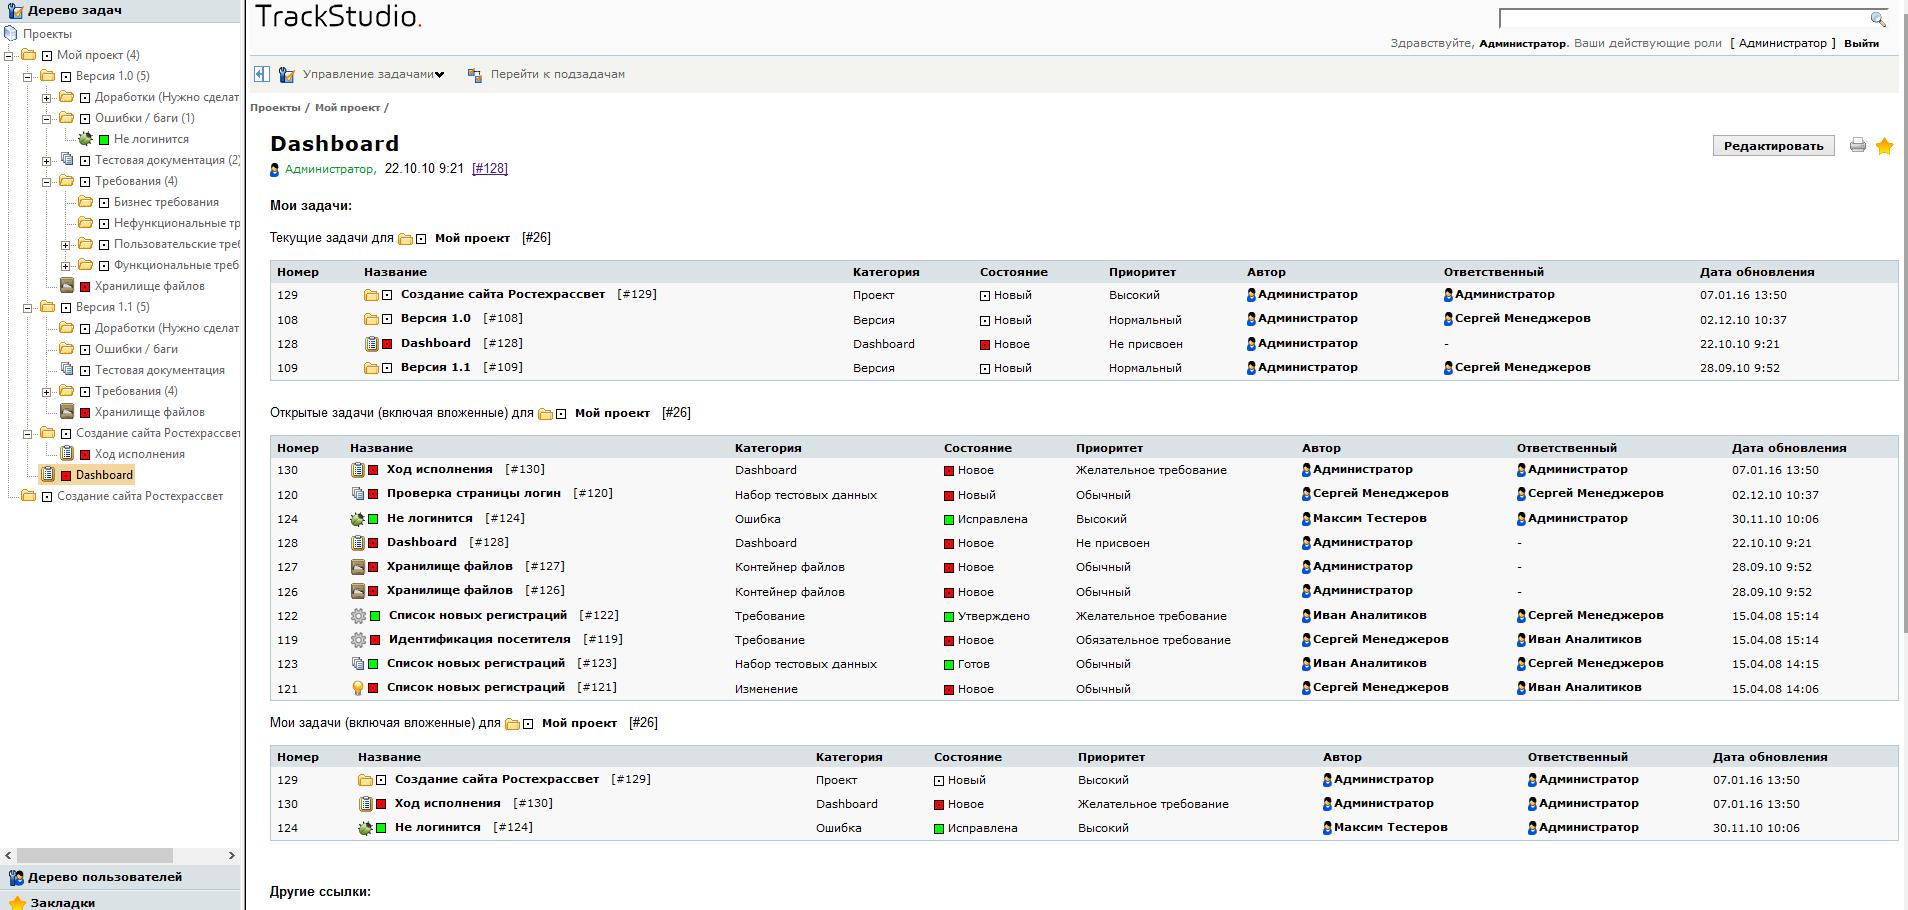 Мы обозрели: выбираем систему управления задачами для web-студий - 4